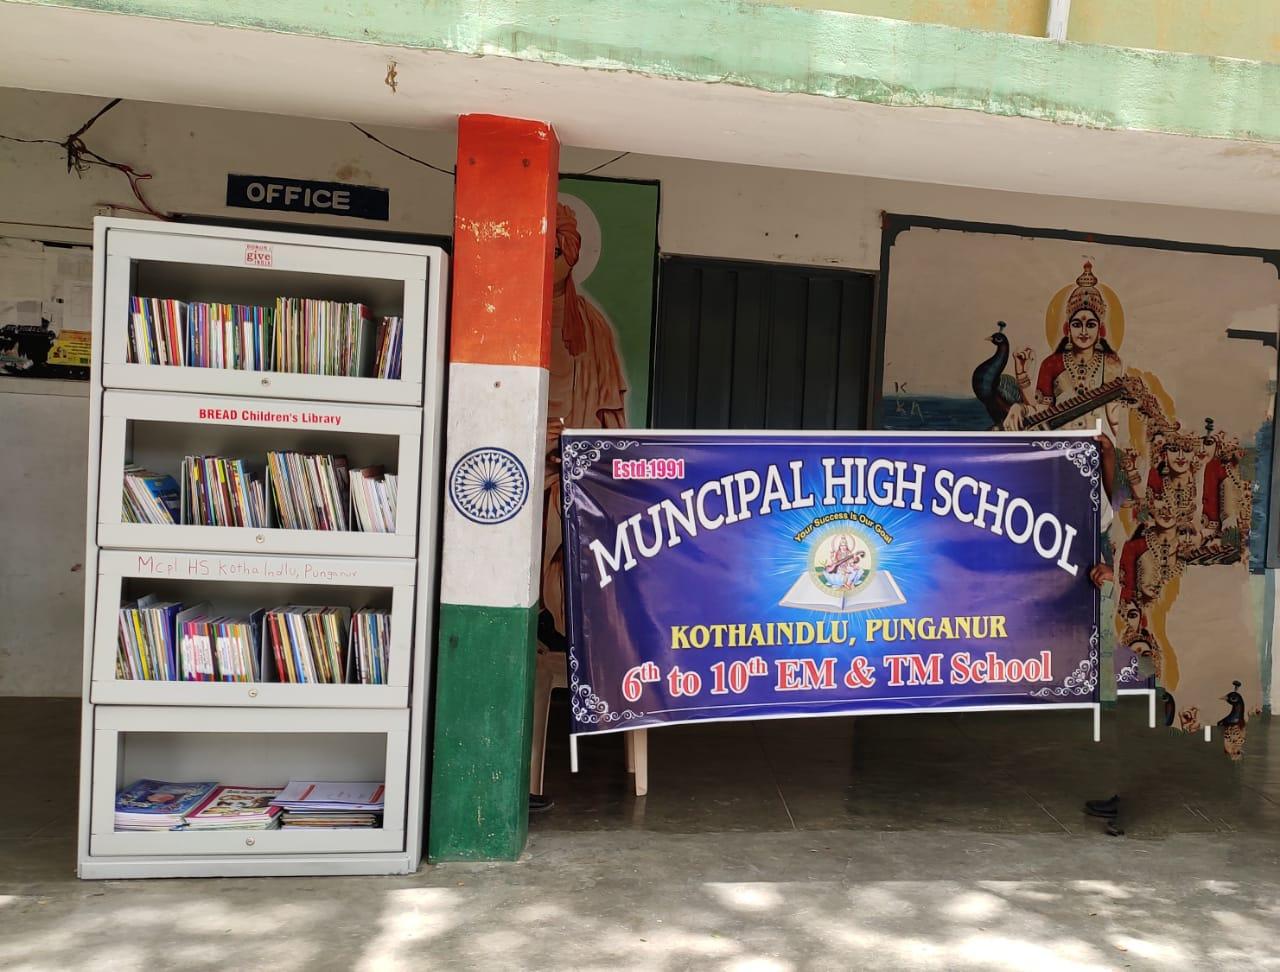 Mcpl. HS, Punganur